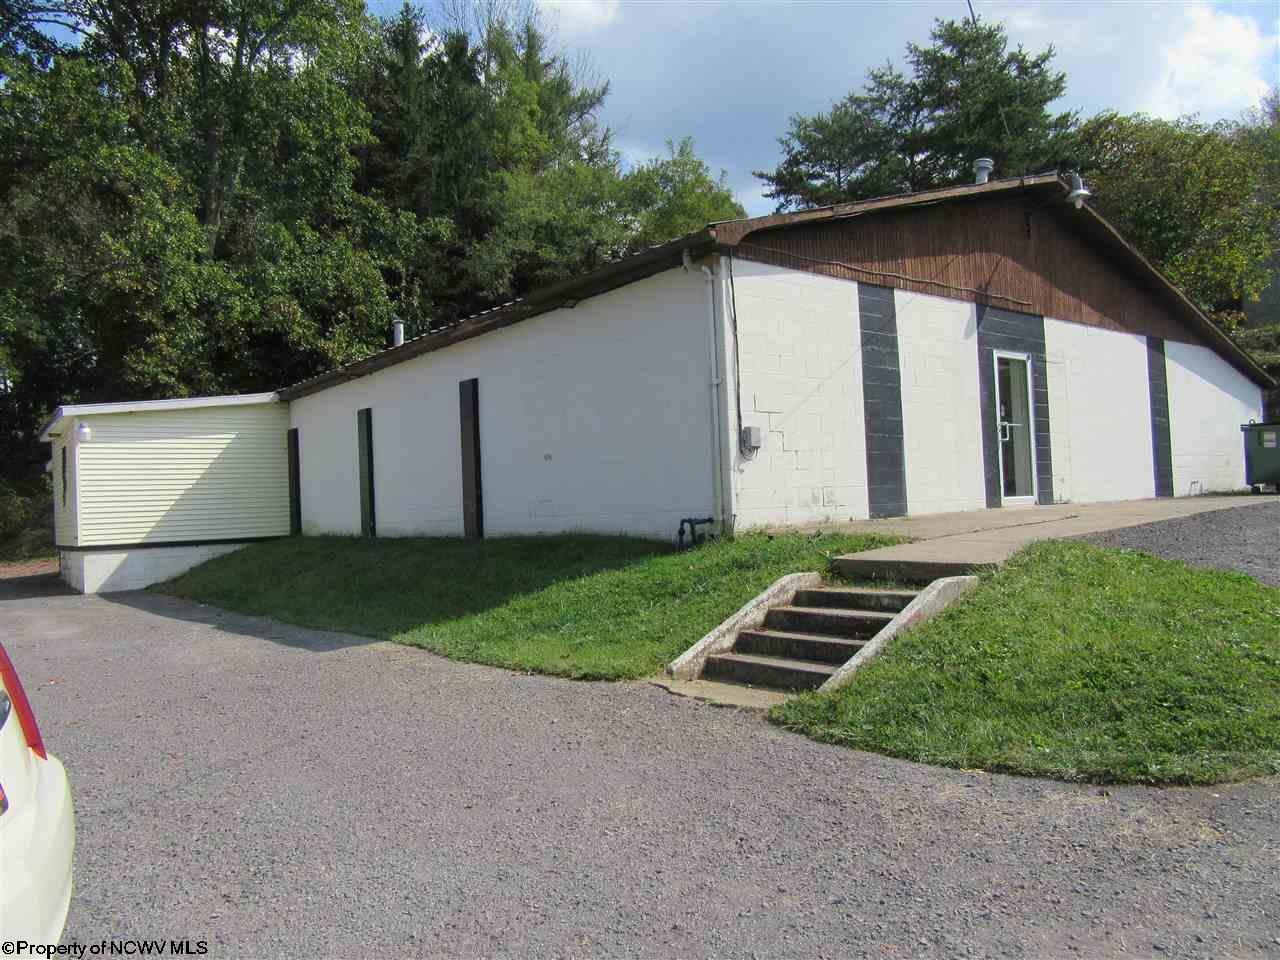 486 HAMPTON ROAD, FAIRMONT, WV 26554